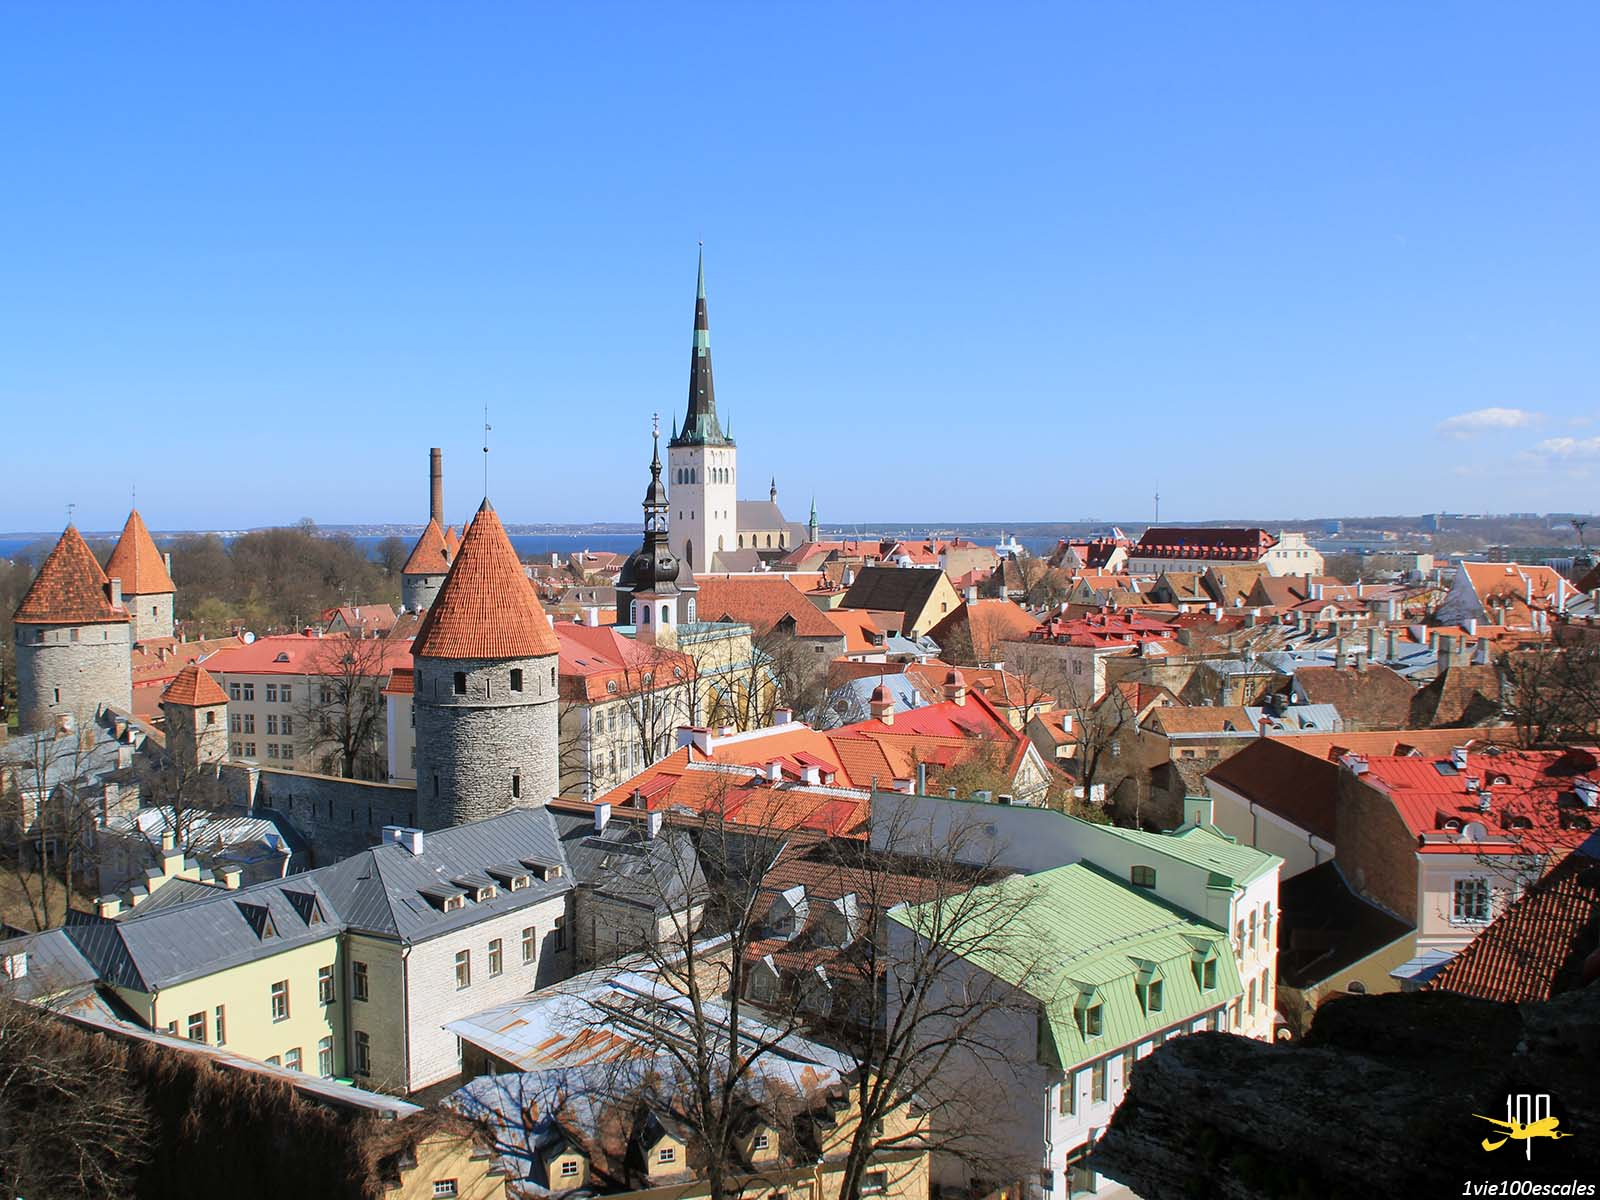 Escale #041 Tallinn